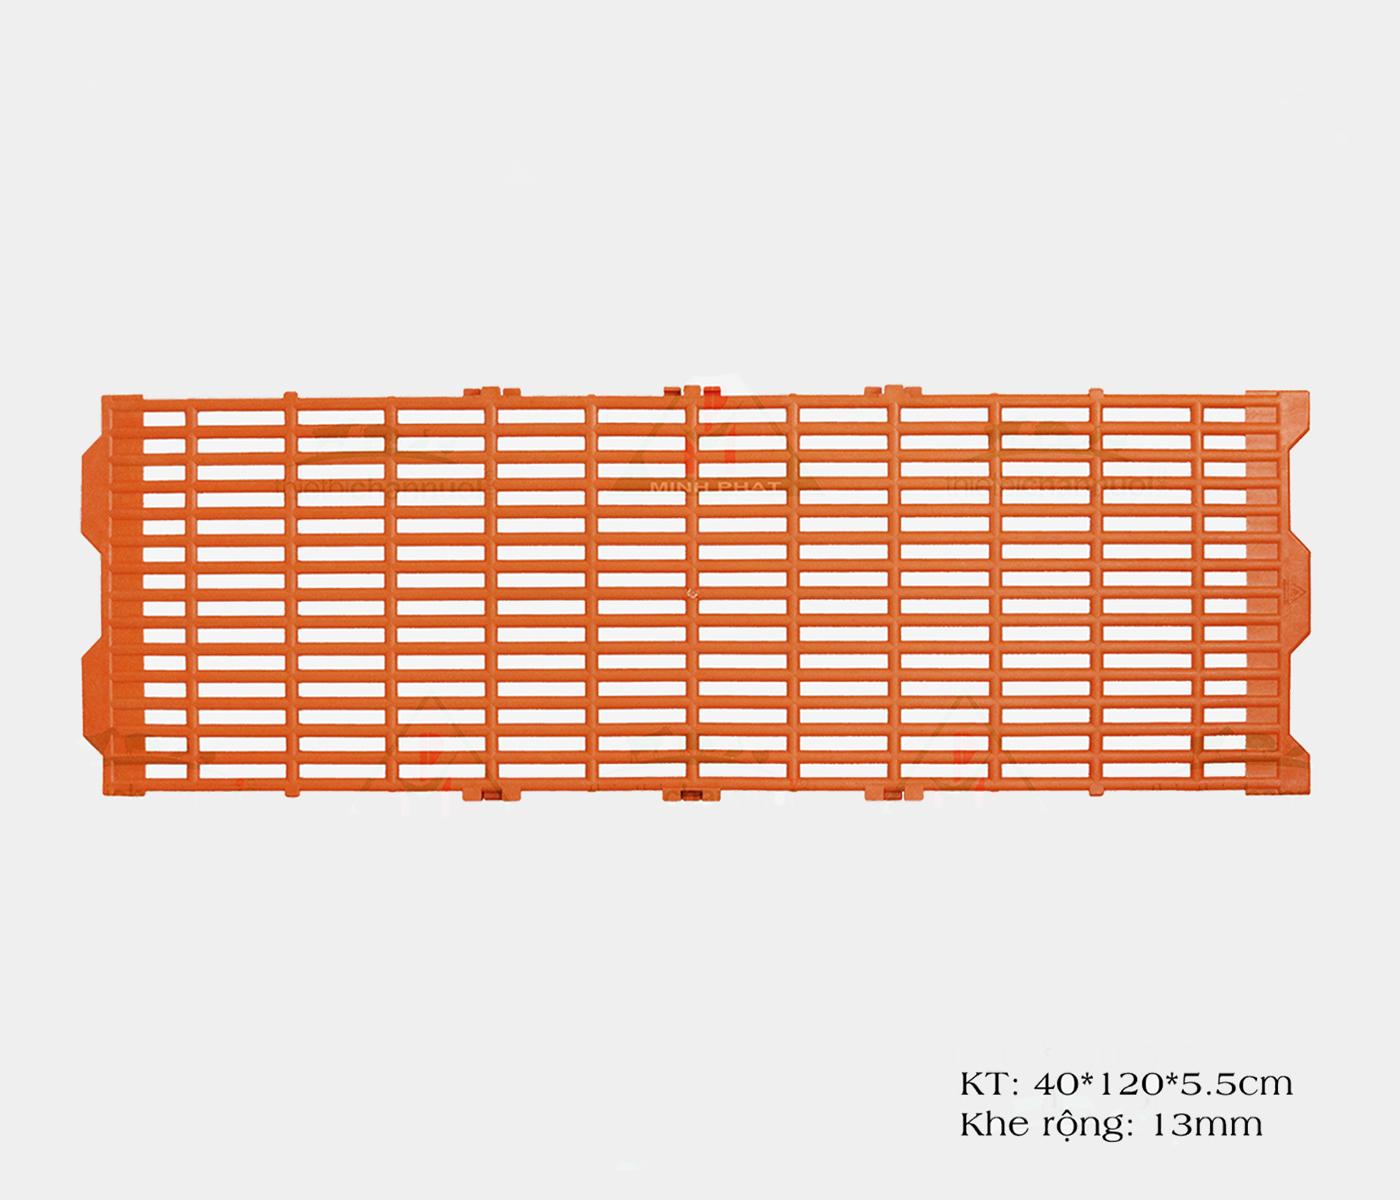 Sàn heo 40x120cm màu cam - SN16